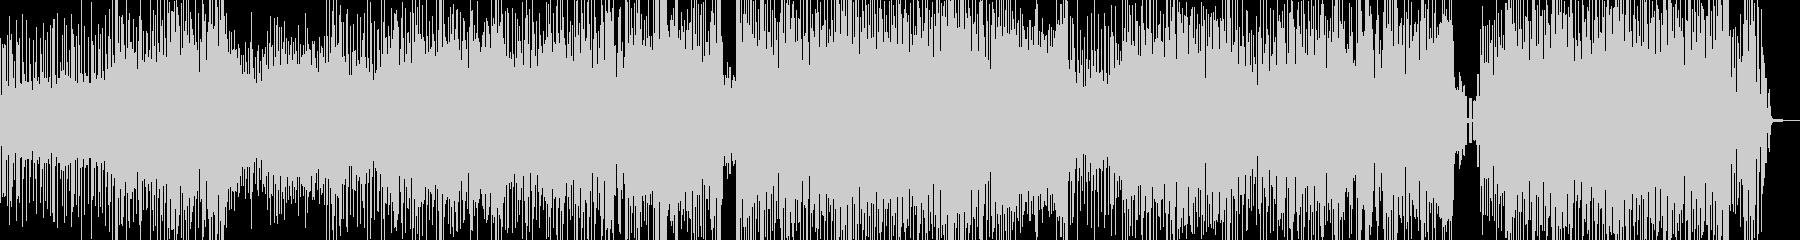 クセになるメロディの三味線テクノ+掛け声の未再生の波形